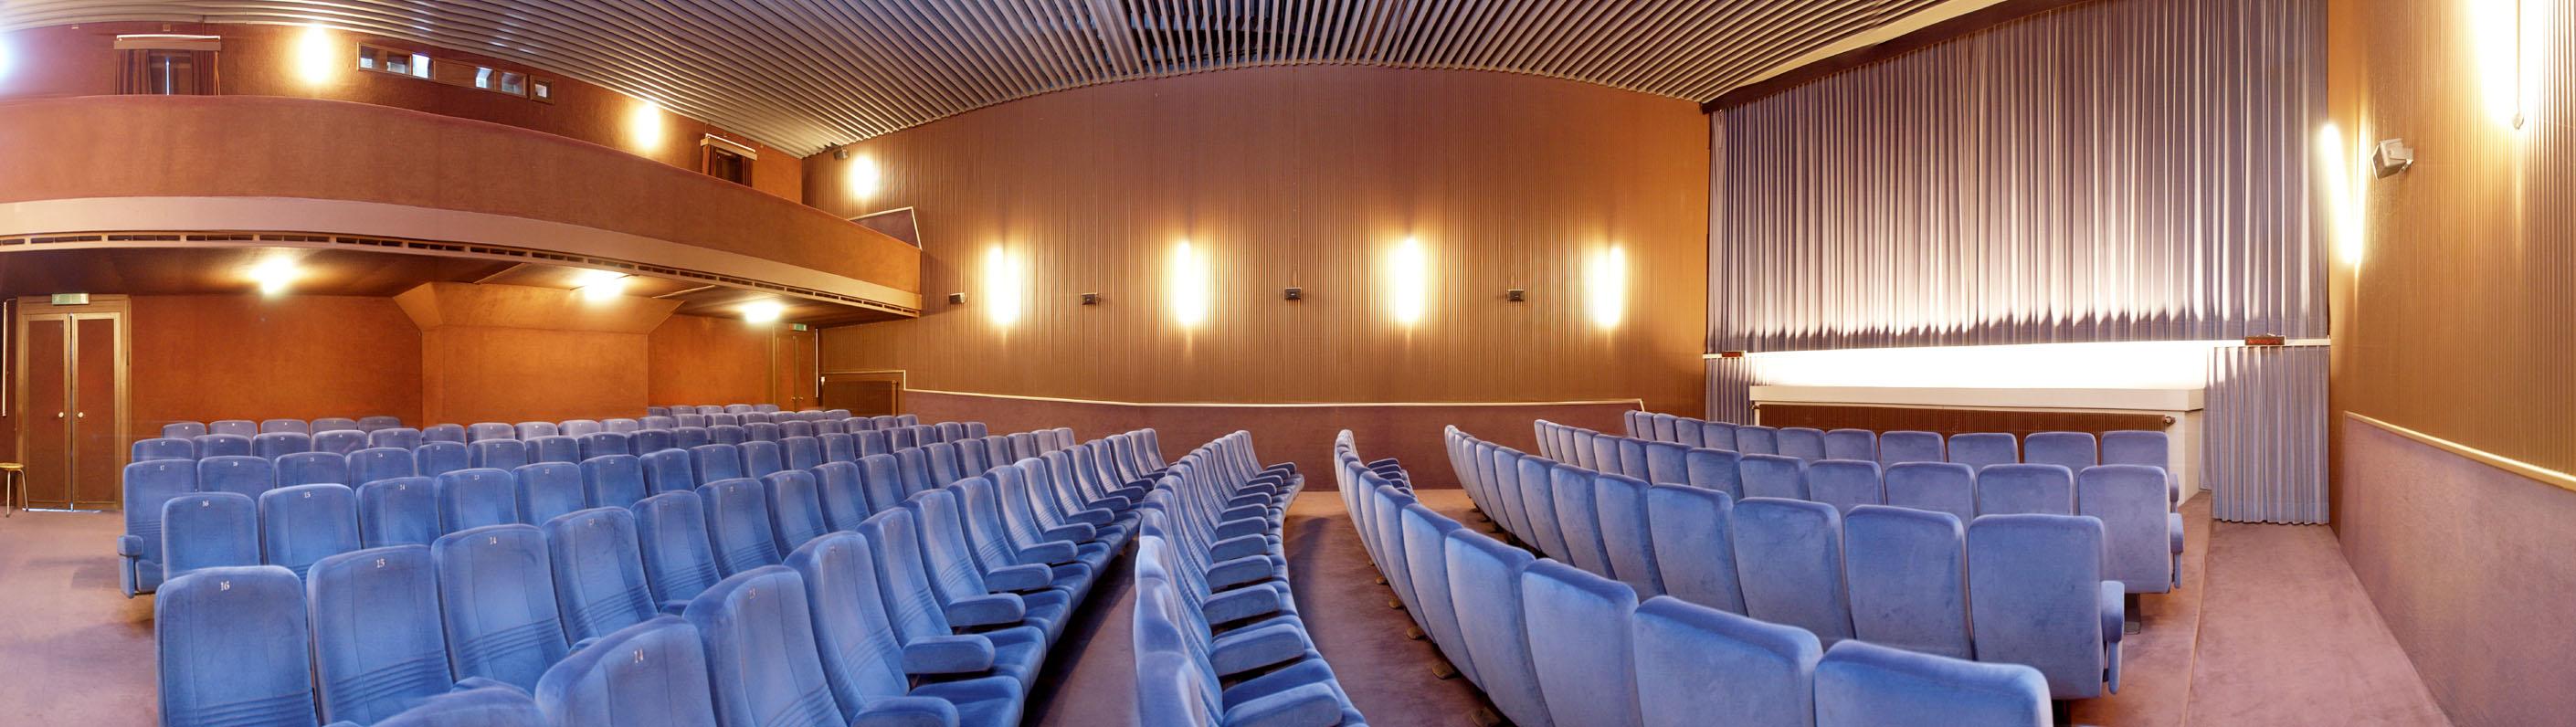 Das Gotthard ist das Arthouse-Kino unter den Zuger Filmtheatern.